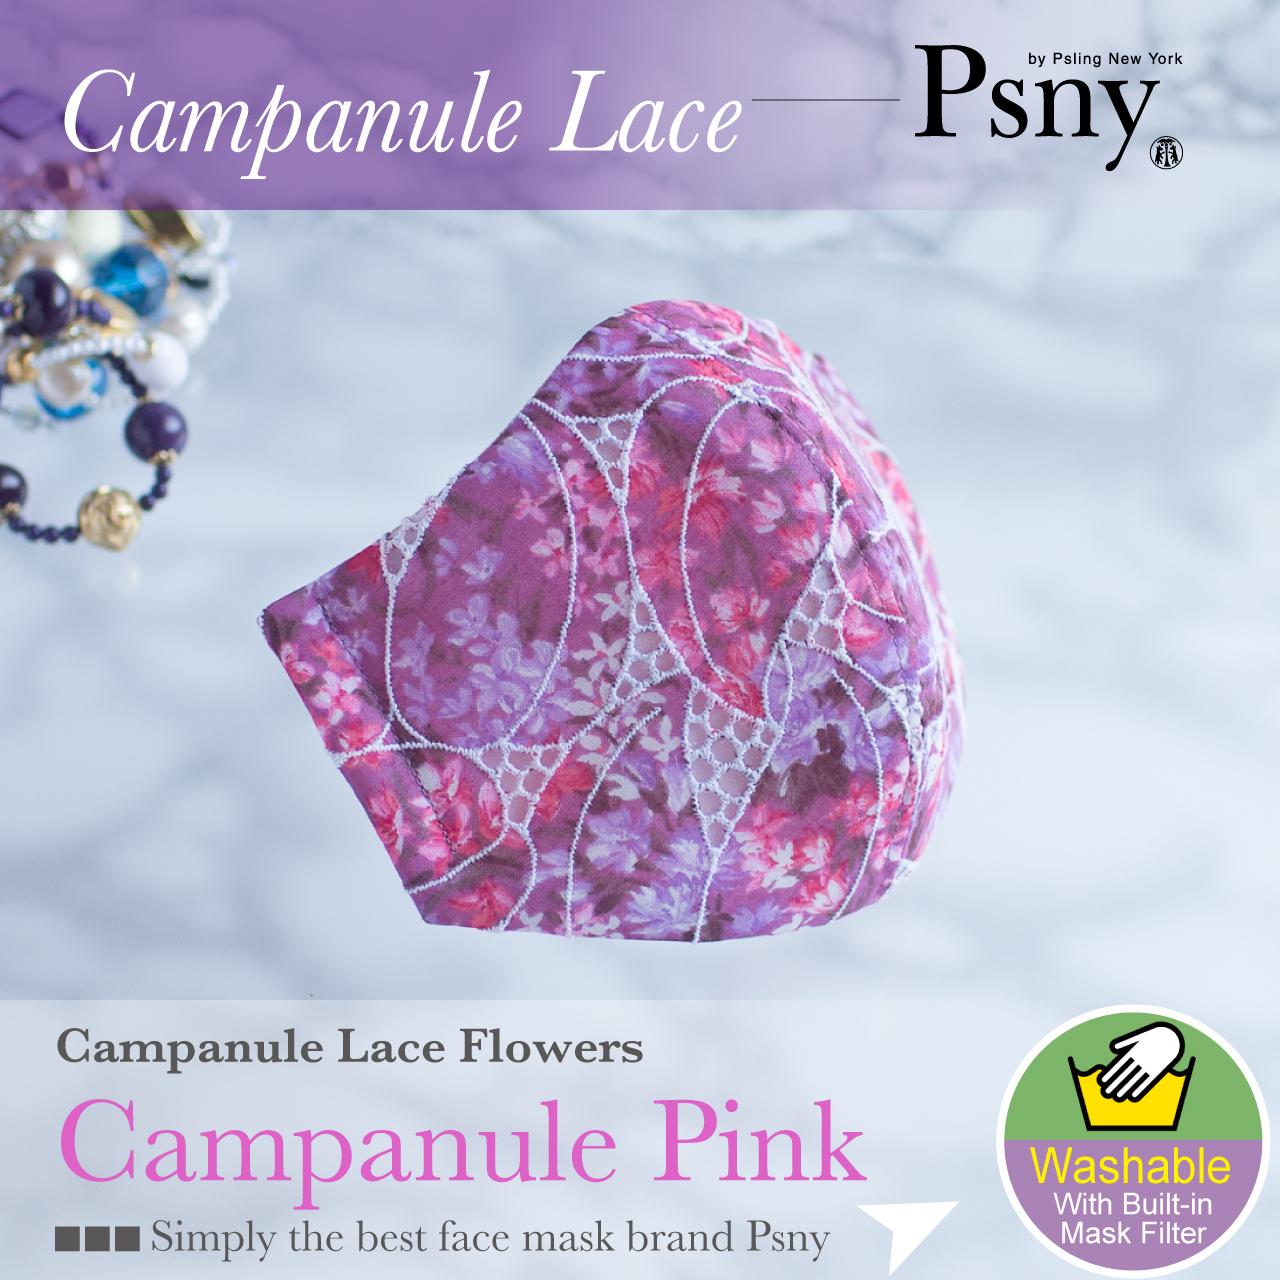 PSNY レース カンパニュール・フラワー 花粉 抗菌 洗える不織布フィルター入り 立体 大人用 美人 花柄 マスク 送料無料 CP2